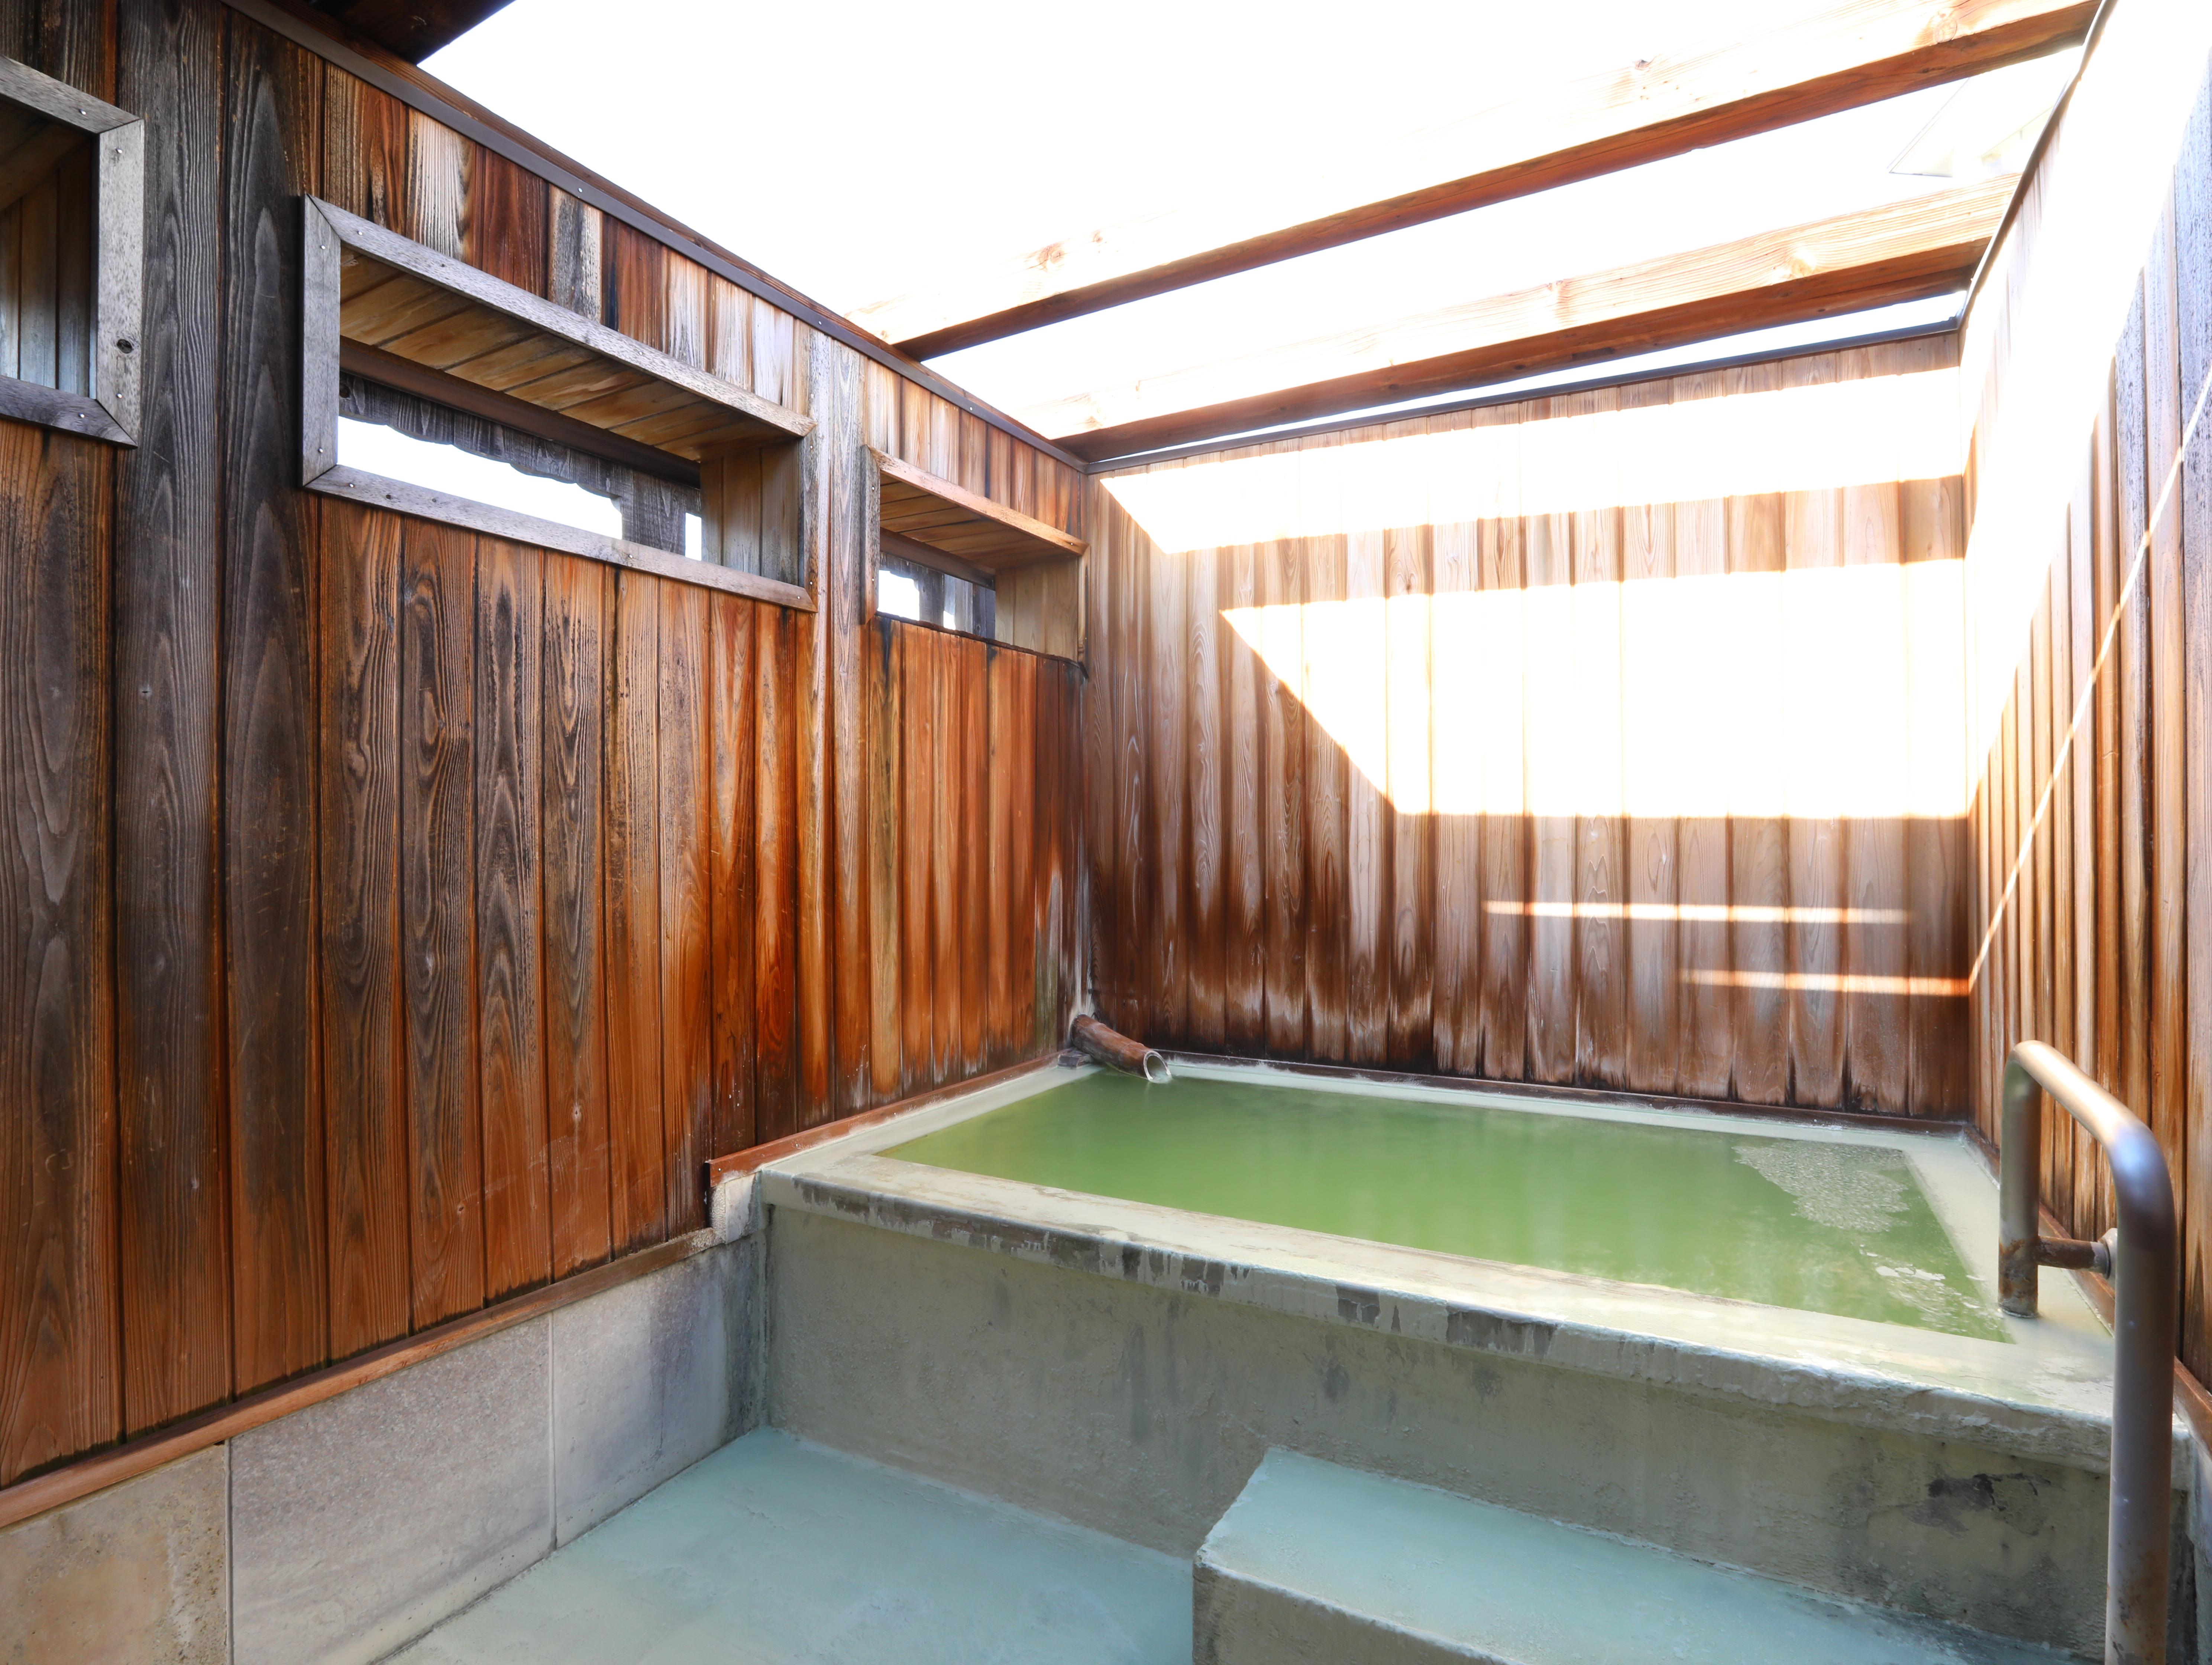 コロナ禍の為、露天風呂をお部屋単位で貸切利用